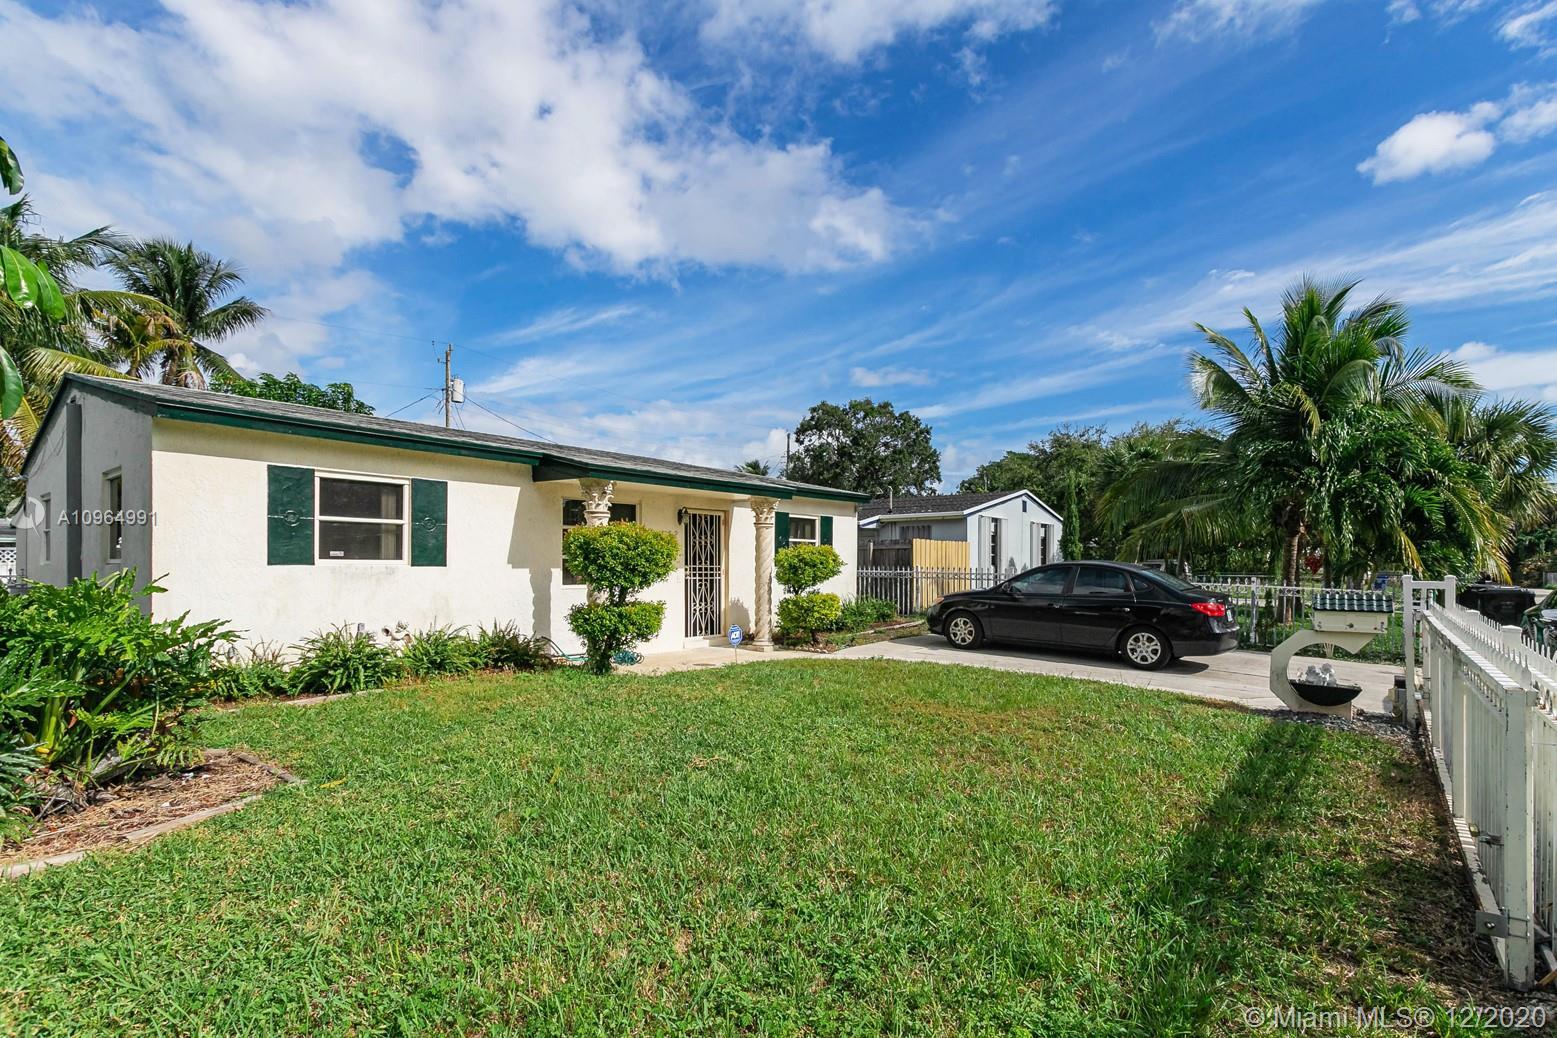 North Miami Beach - 1455 NE 154th St, North Miami Beach, FL 33162